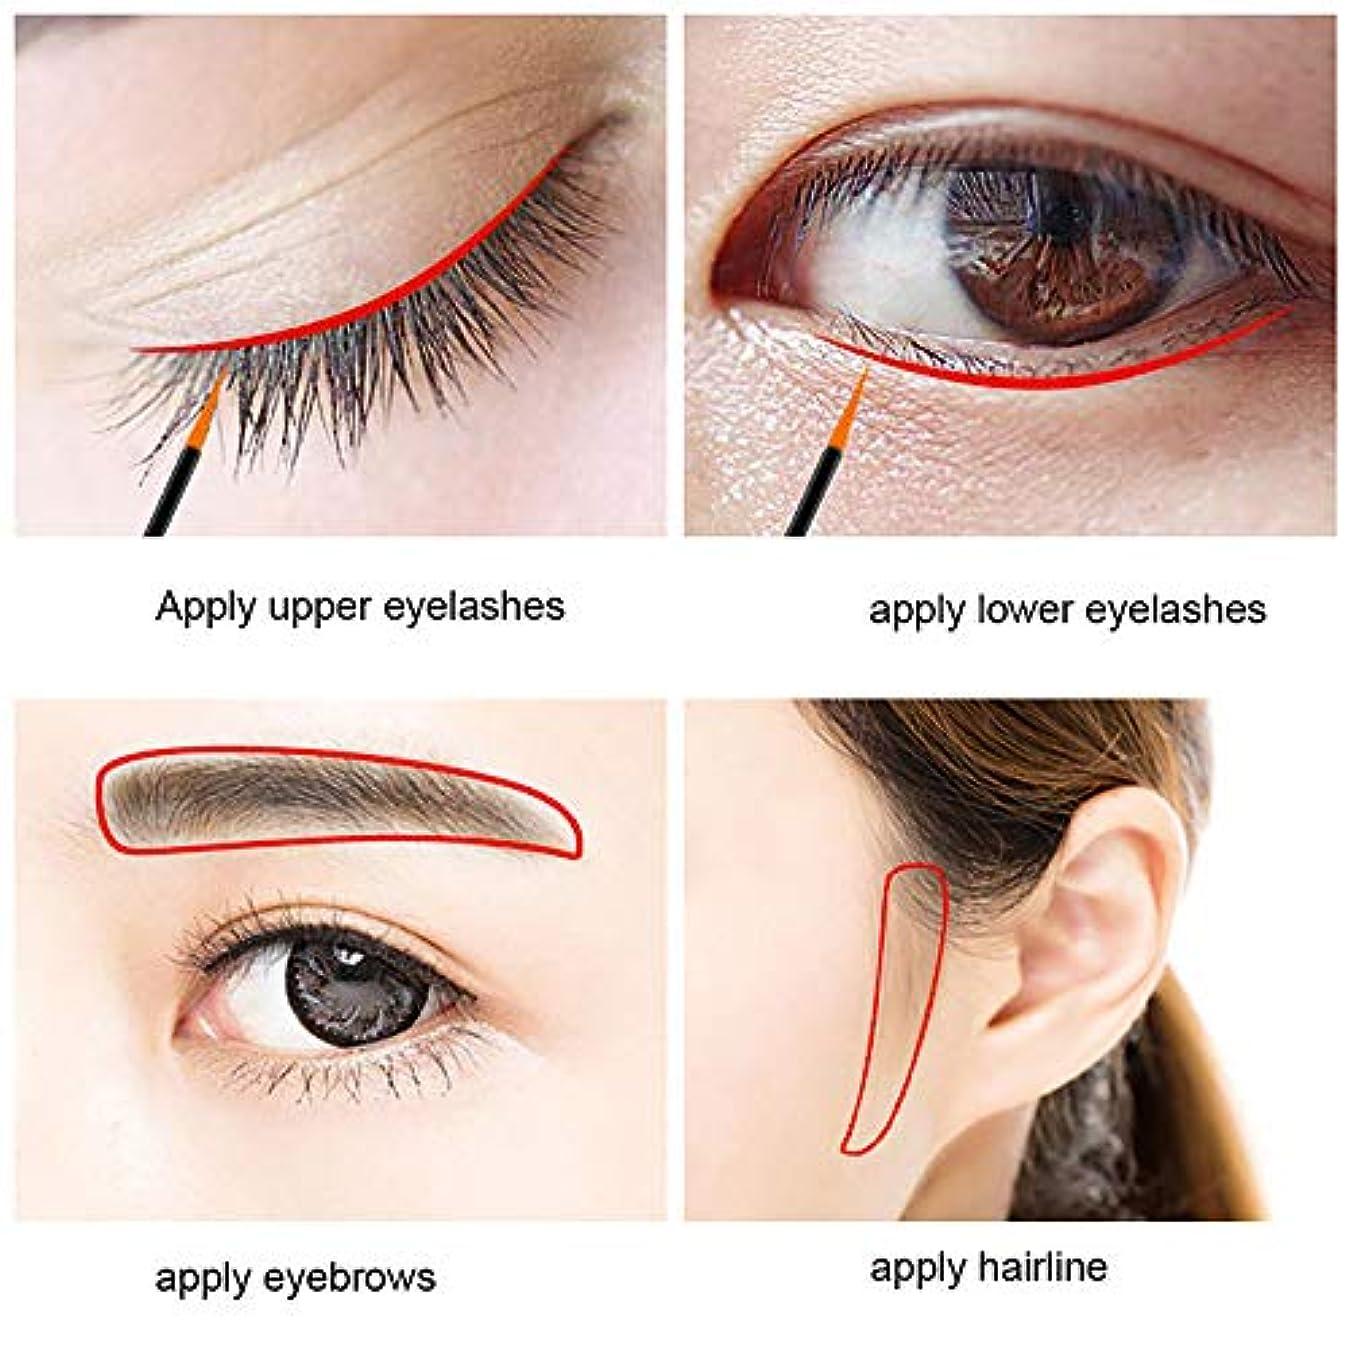 申し立てスペース眉毛まつげ速い急速な成長の液体エンハンサー栄養液栄養